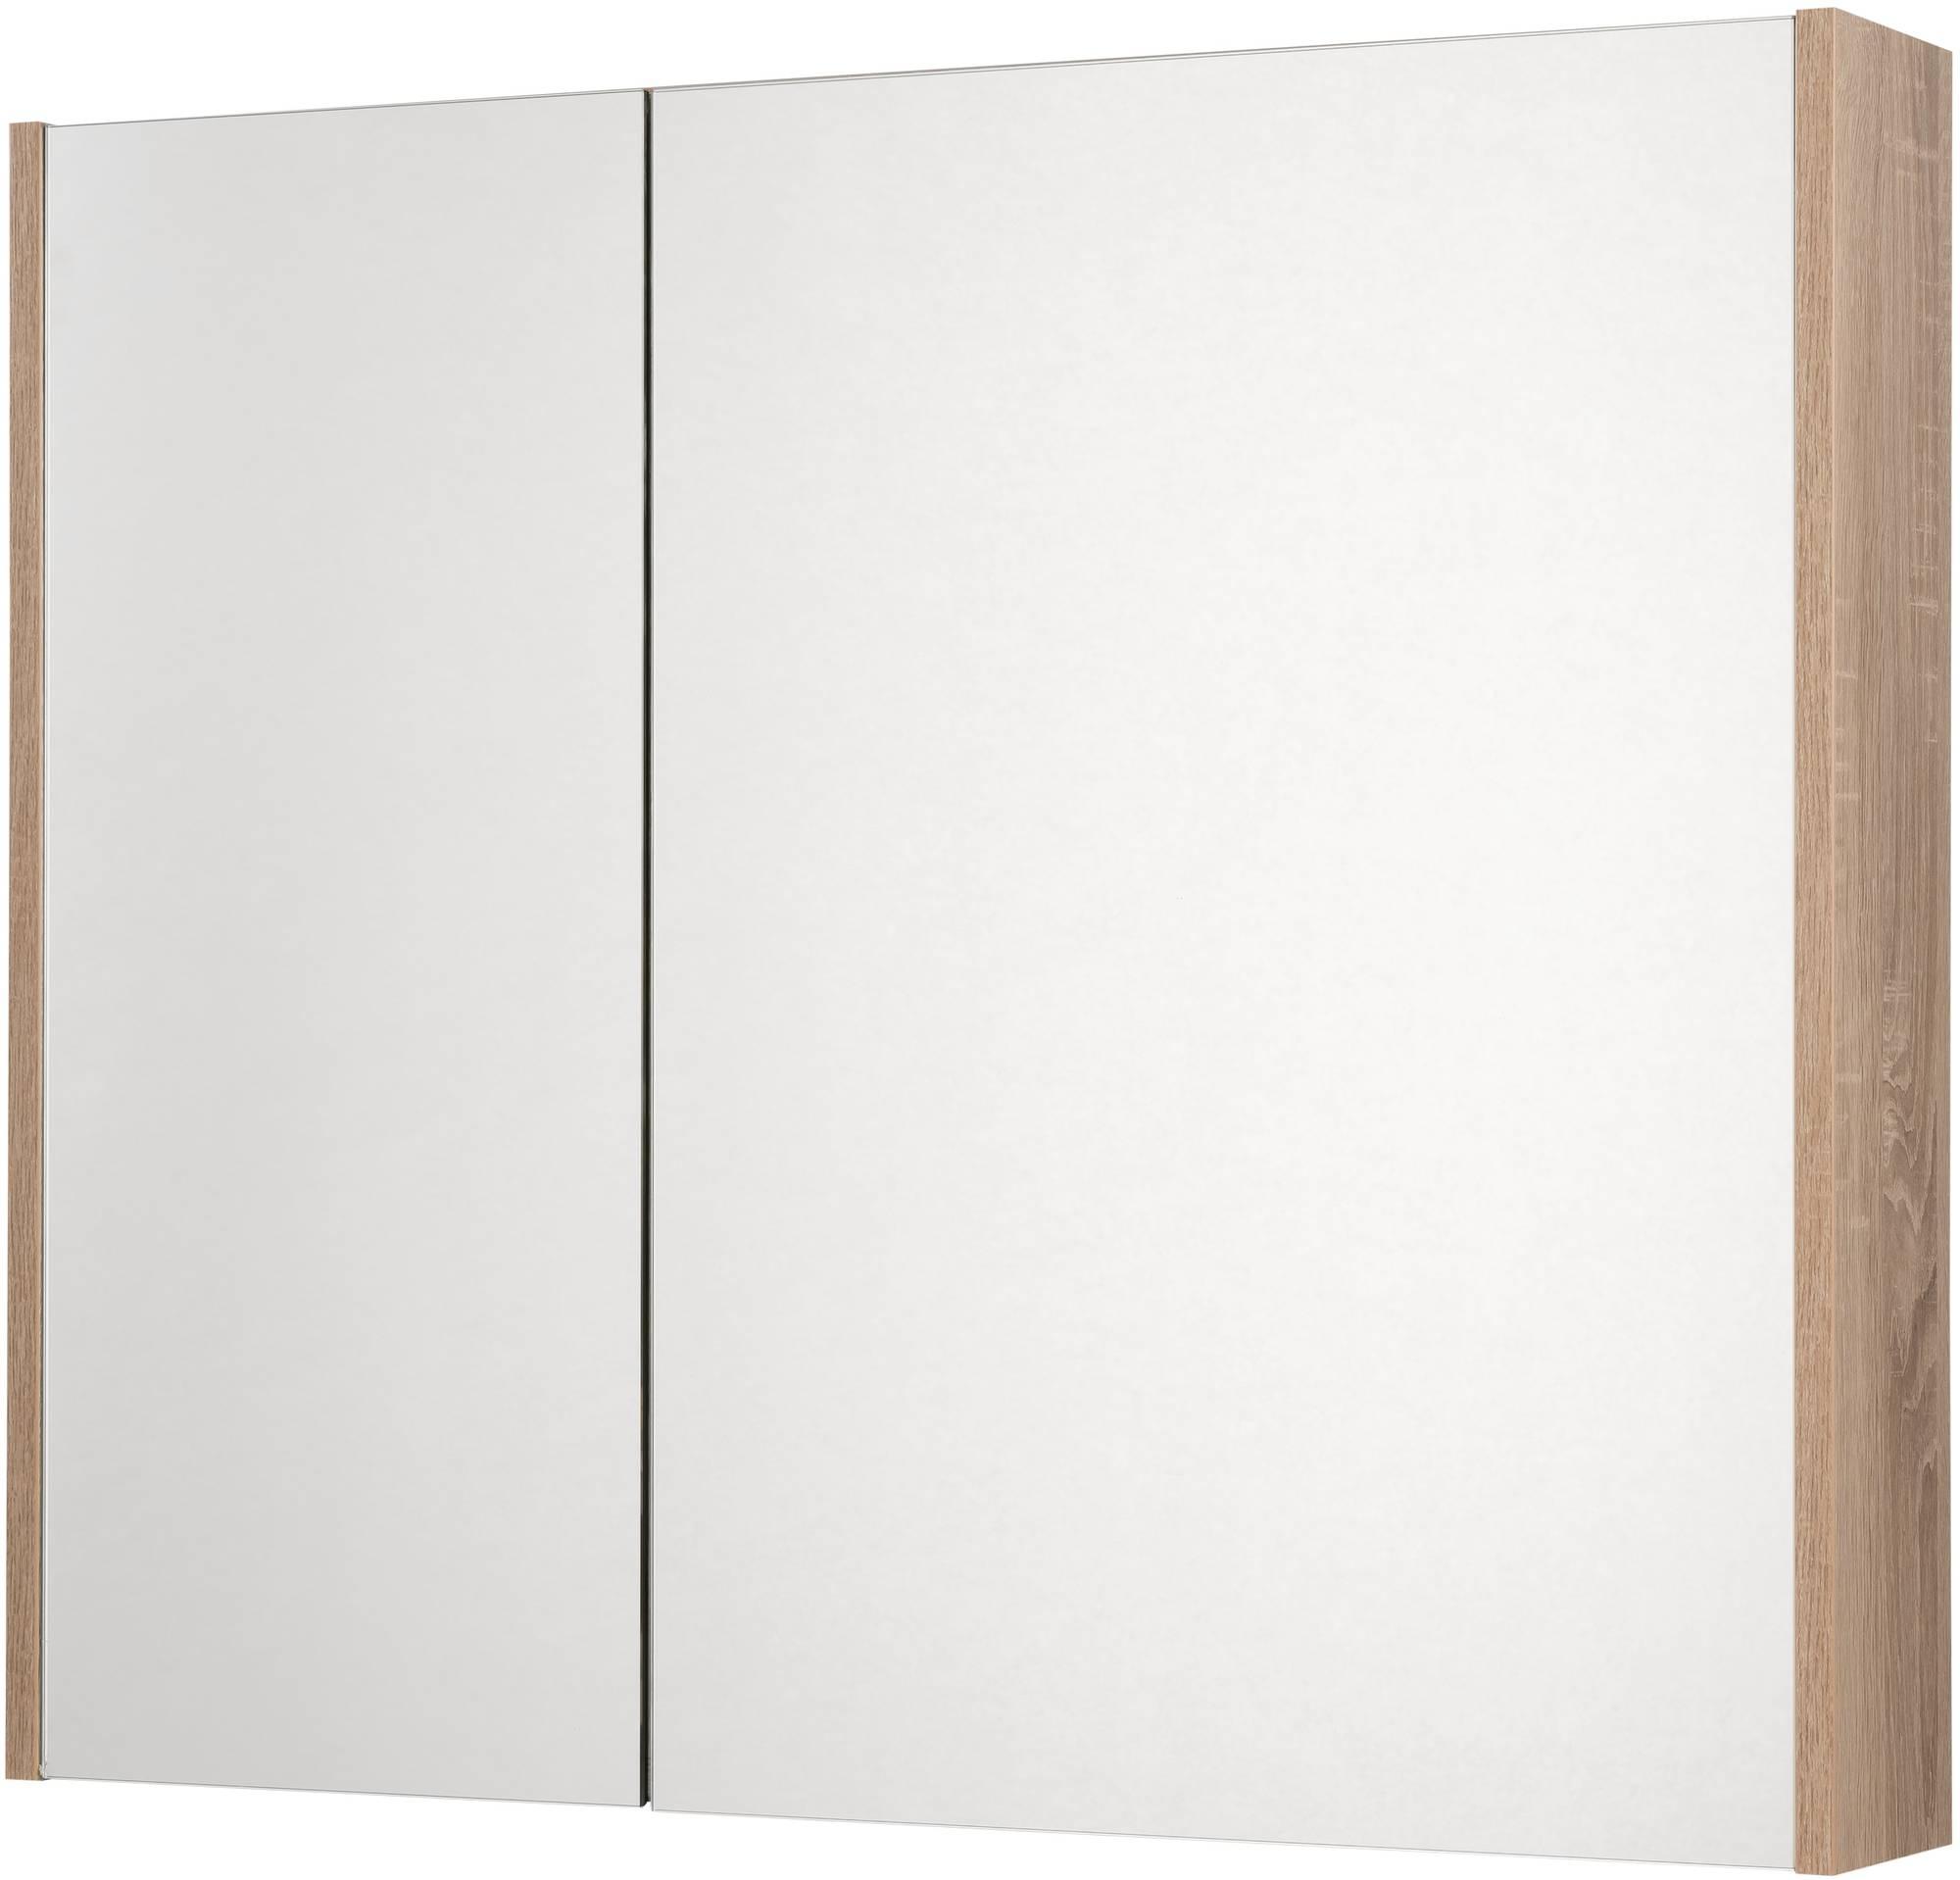 Saniselect Socan Spiegelkast 80x14x70 cm Bardolino Eiken